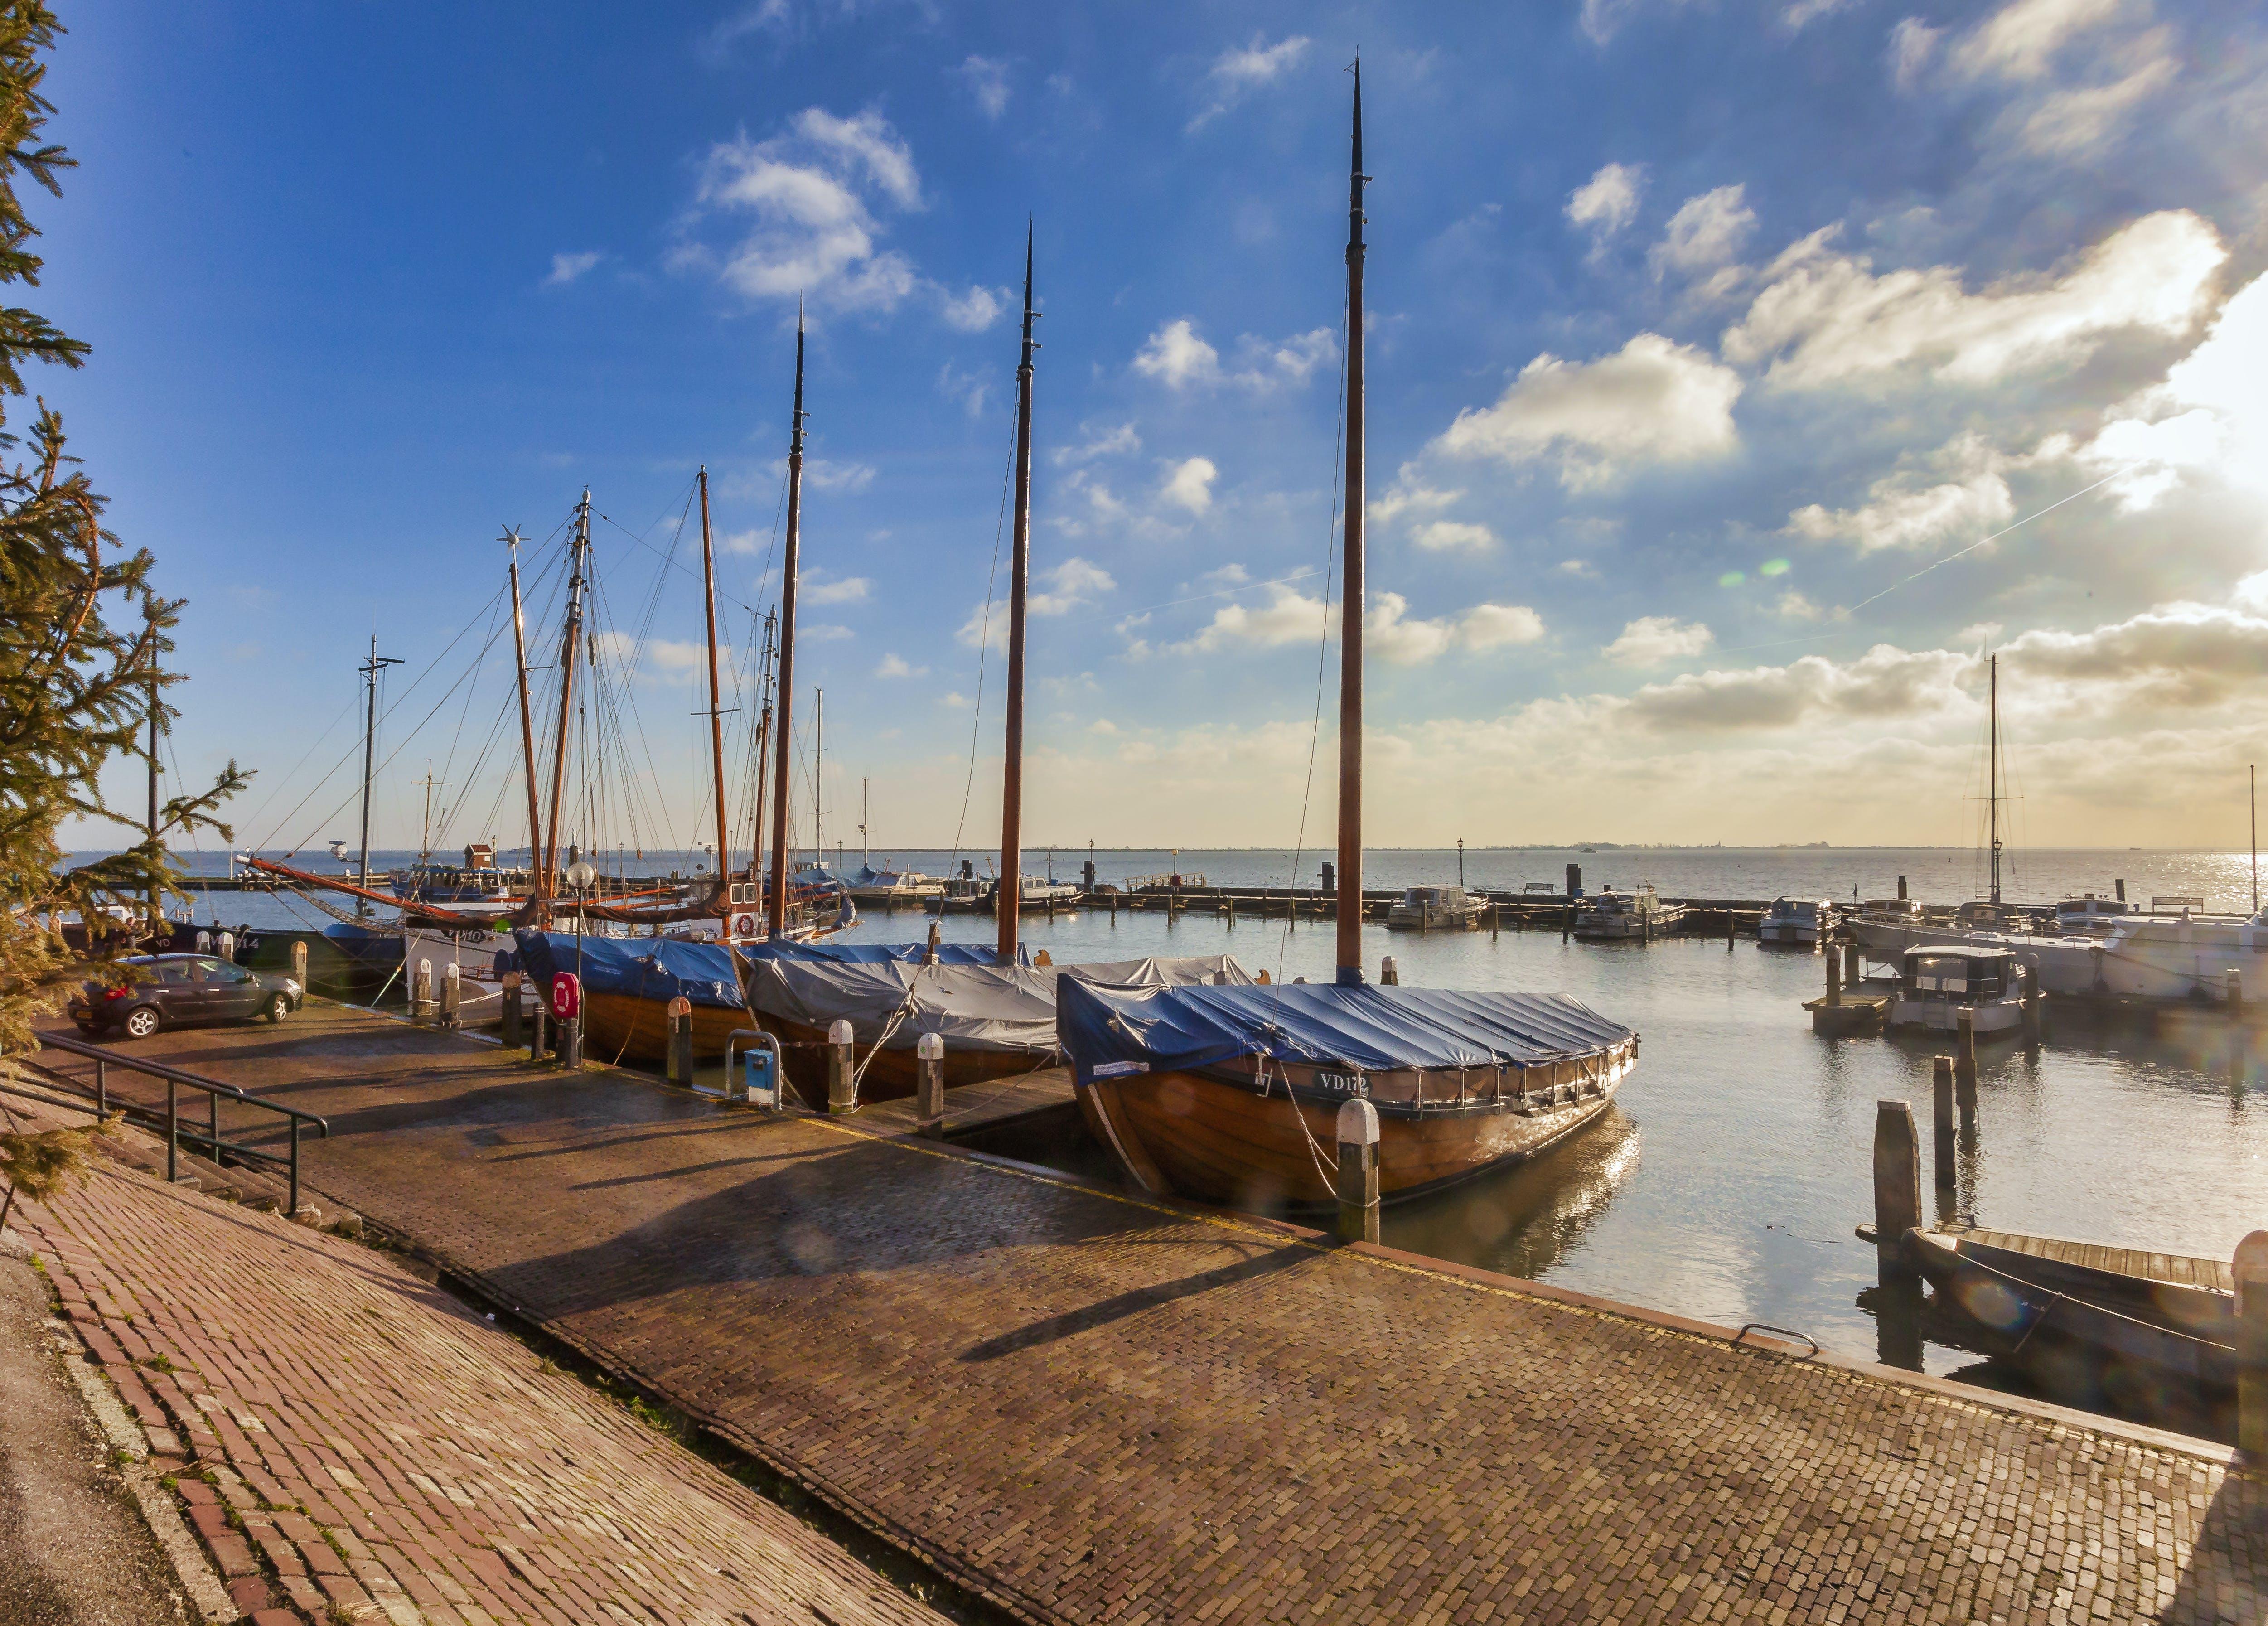 Boats Near Dock Under Gray Sky